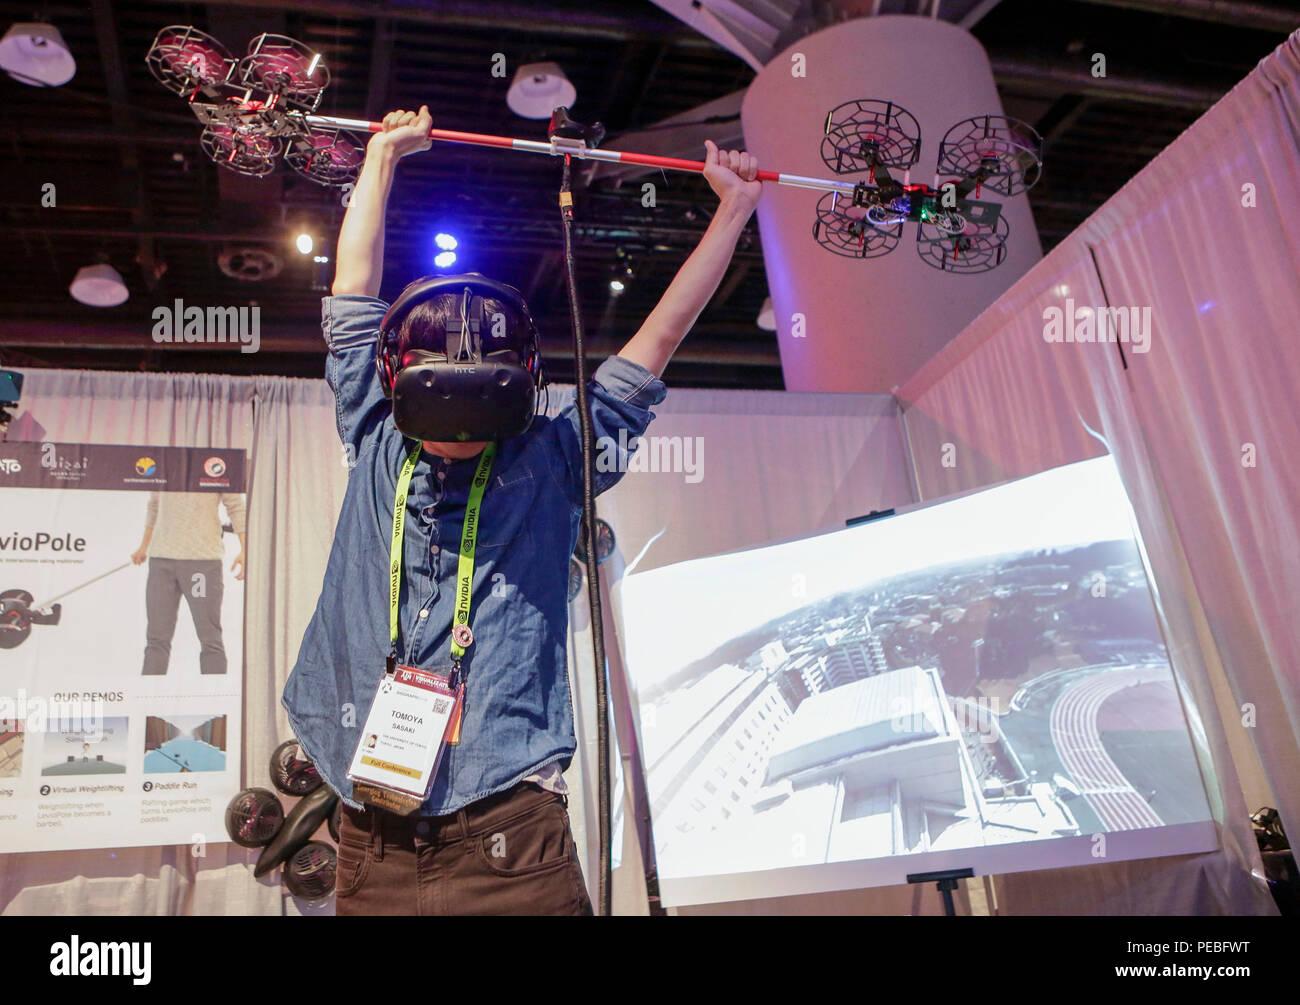 Vancouver, Canadá. 14 Aug, 2018. Un expositor muestra un controlador polo volador impulsado por zumbido de realidad virtual (VR) gaming durante la 45a conferencia anual de la ACM SIGGRAPH en Vancouver, Canadá, del 14 de agosto de 2018. Unos 160 expositores de 18 países y regiones participaron en la conferencia anual de la ACM SIGGRAPH expone las últimas innovaciones en gráficos por ordenador y técnicas interactivas. Crédito: Liang Sen/Xinhua/Alamy Live News Foto de stock